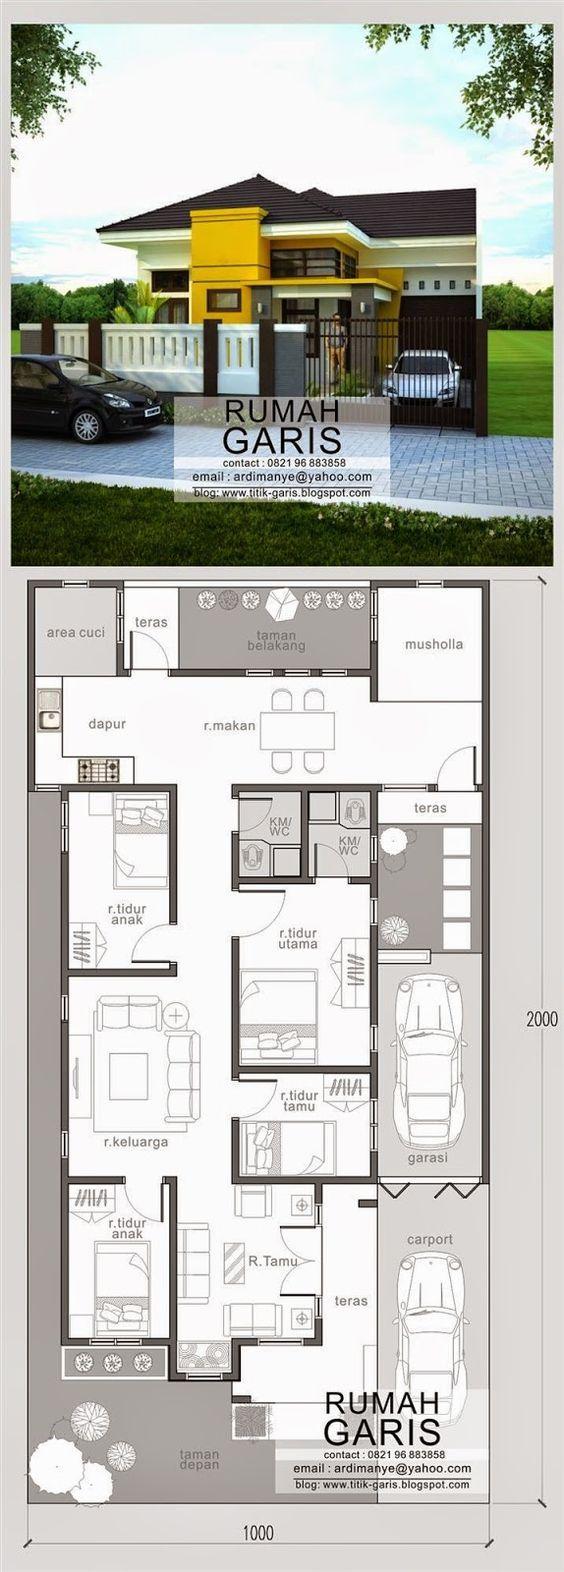 Desain rumah mungil dan sehat pinterest dan desain rumah mungil dan sehat malvernweather Gallery